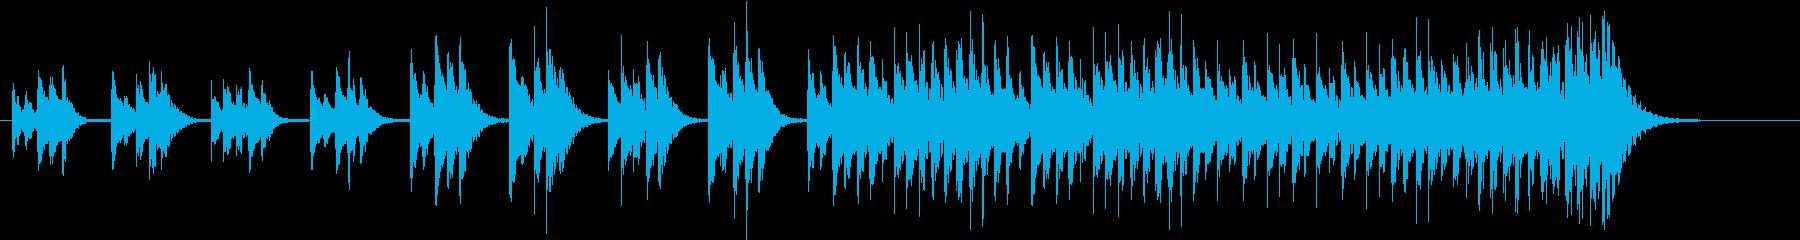 木琴の音色で作った短い曲の再生済みの波形